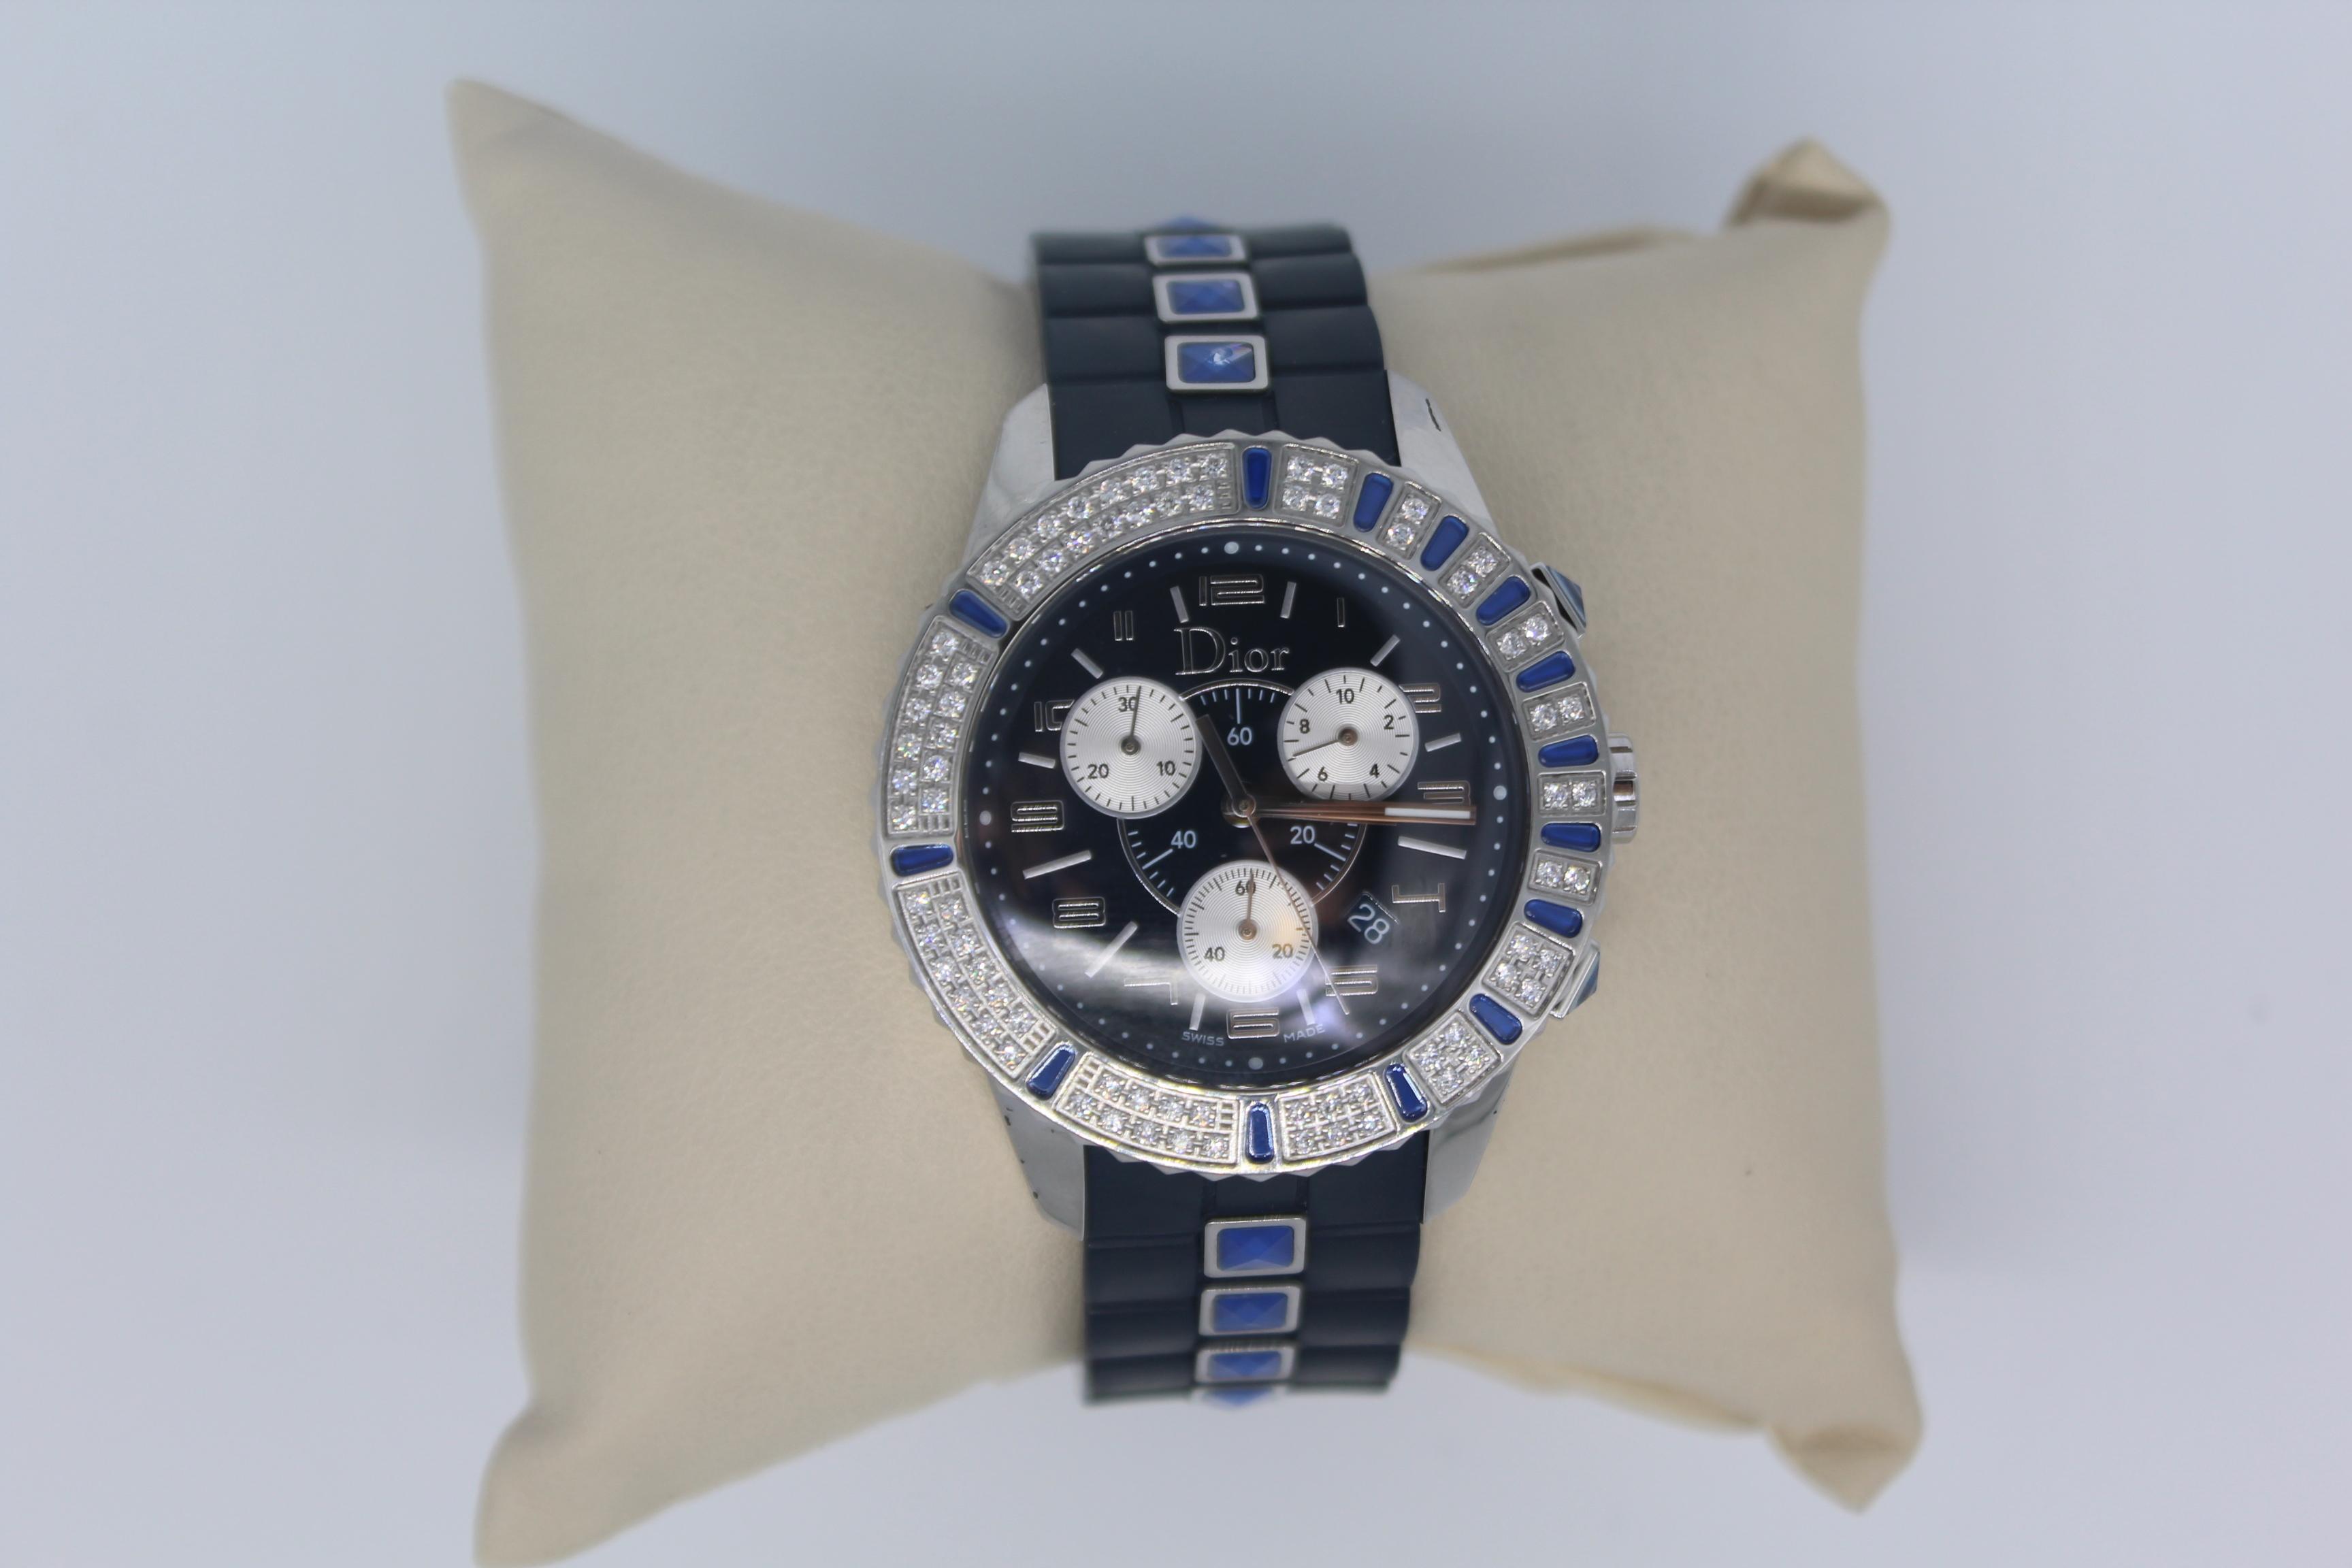 Women's Dior Watch